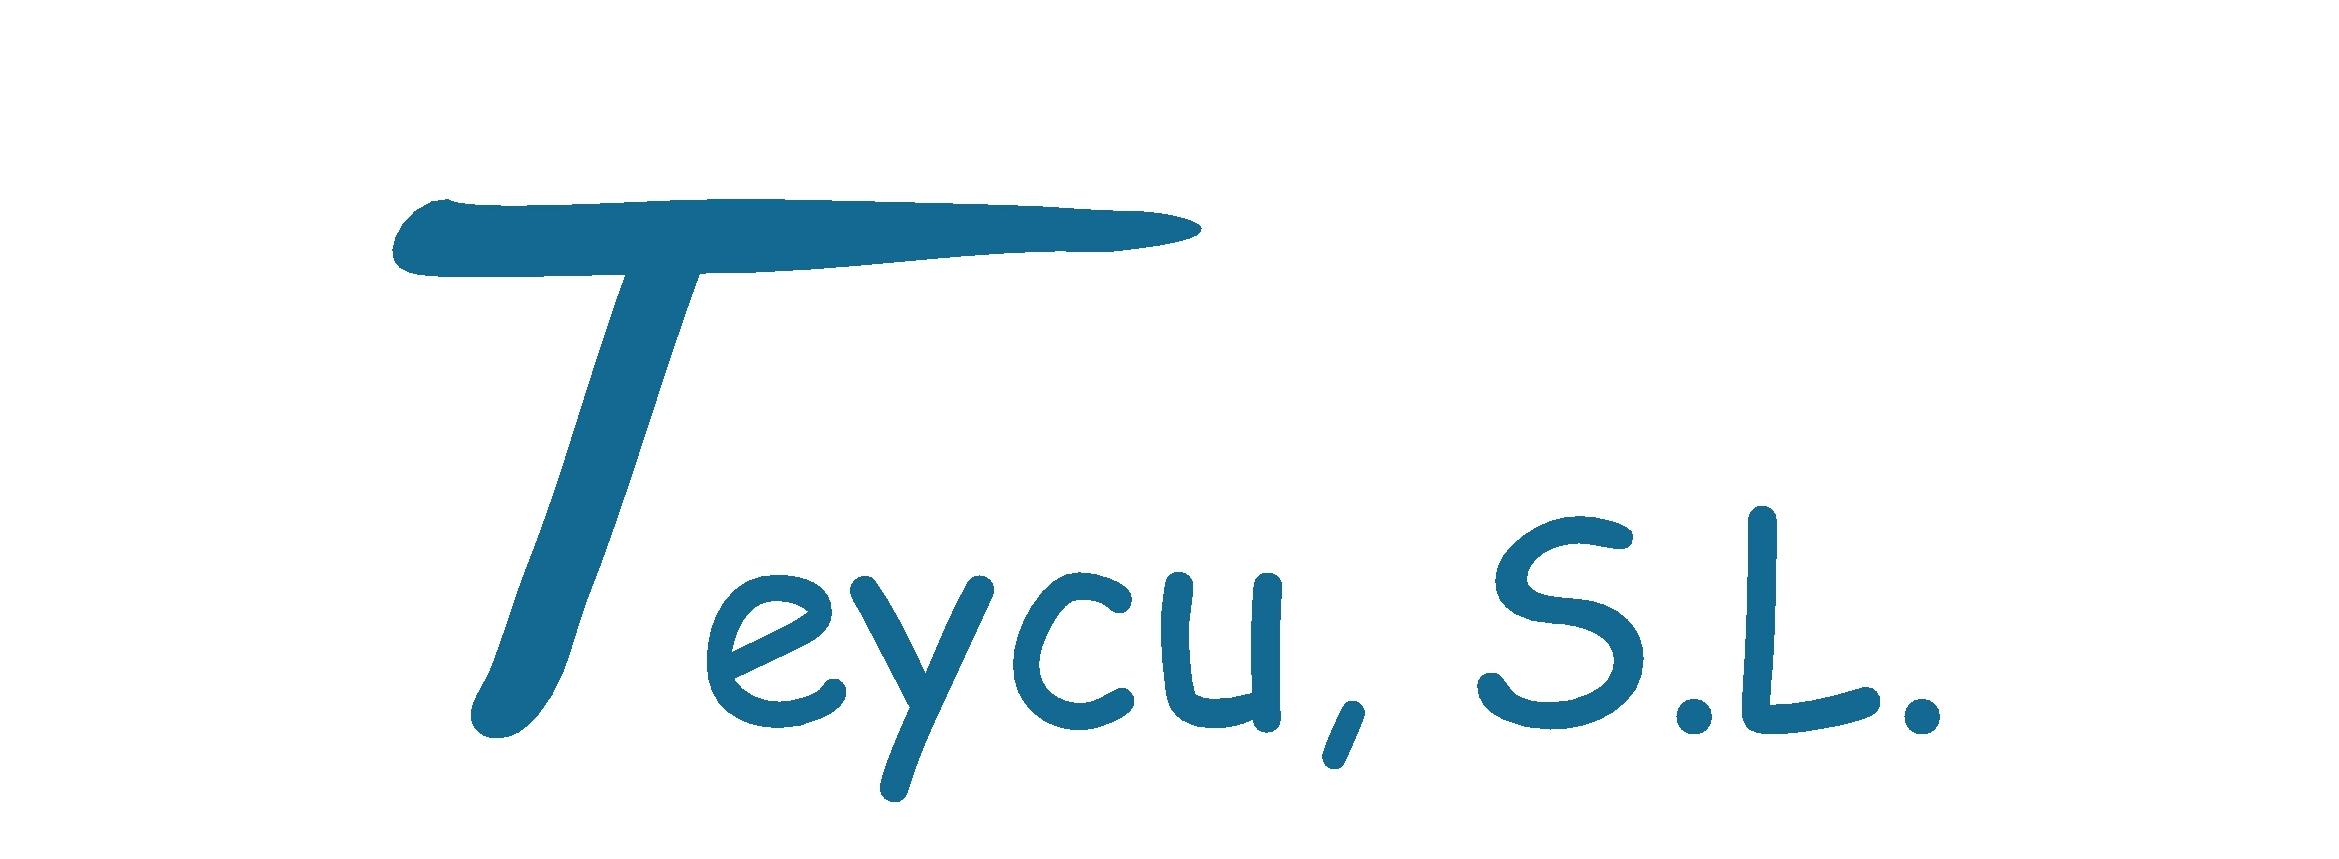 Teycu, S.l.